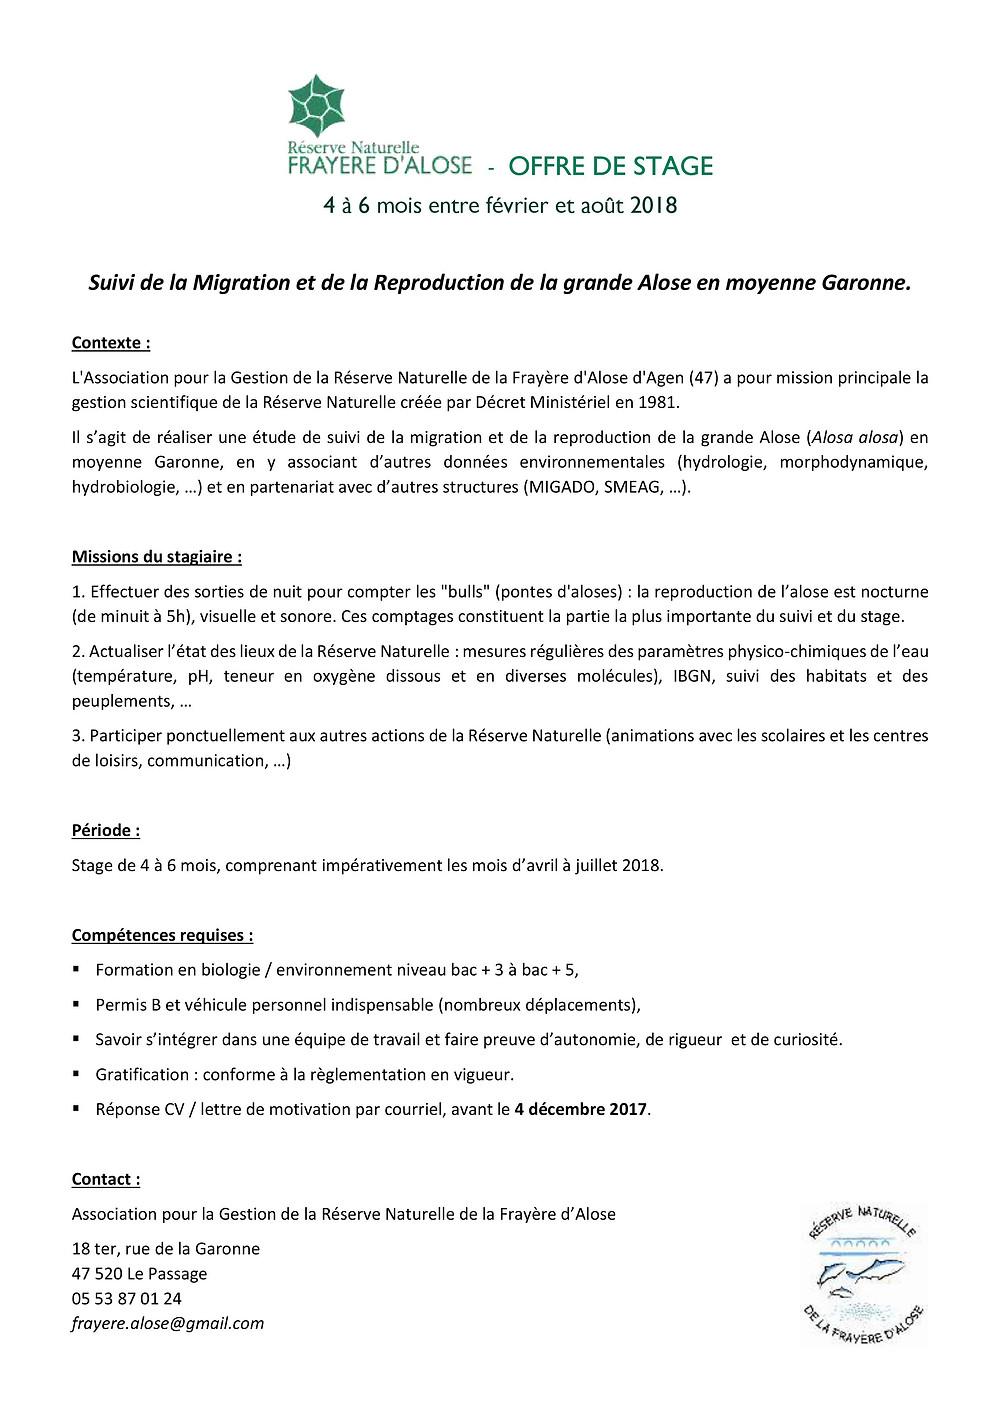 Notre offre de stage concernant le suivi de la grande Alose (Alosa alosa) en Moyenne Garonne en 2018 vient de paraître !